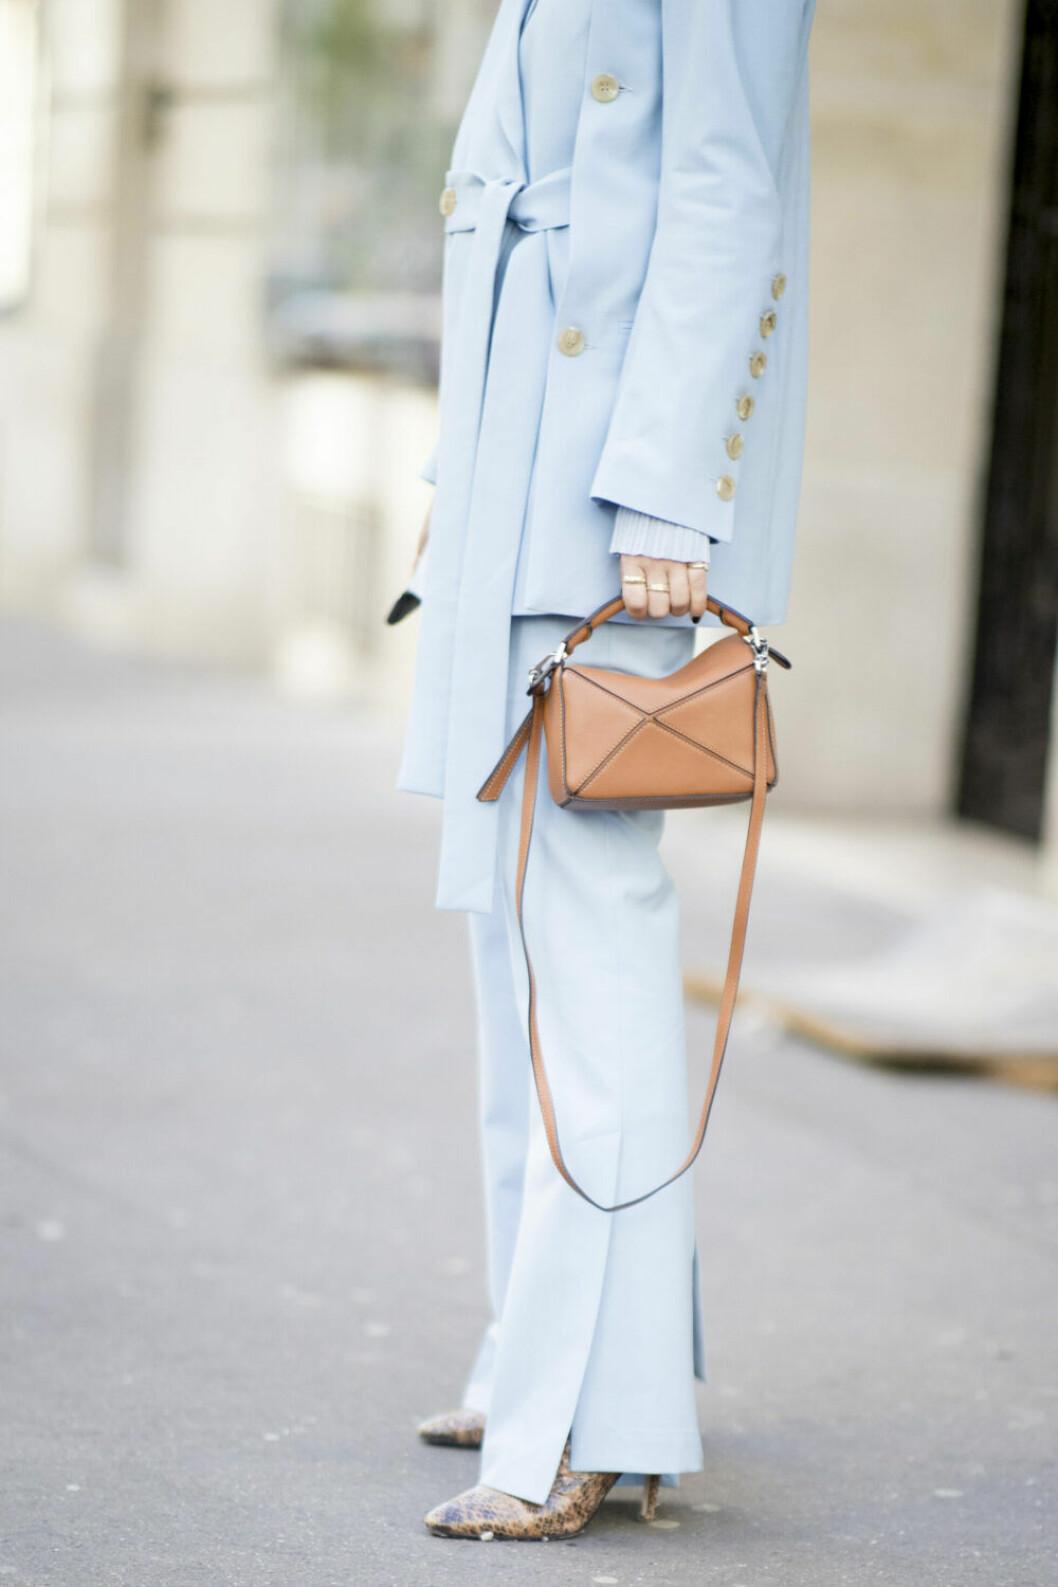 Streetstyle Paris FW, ljusblå kostym och väska från Loewe.